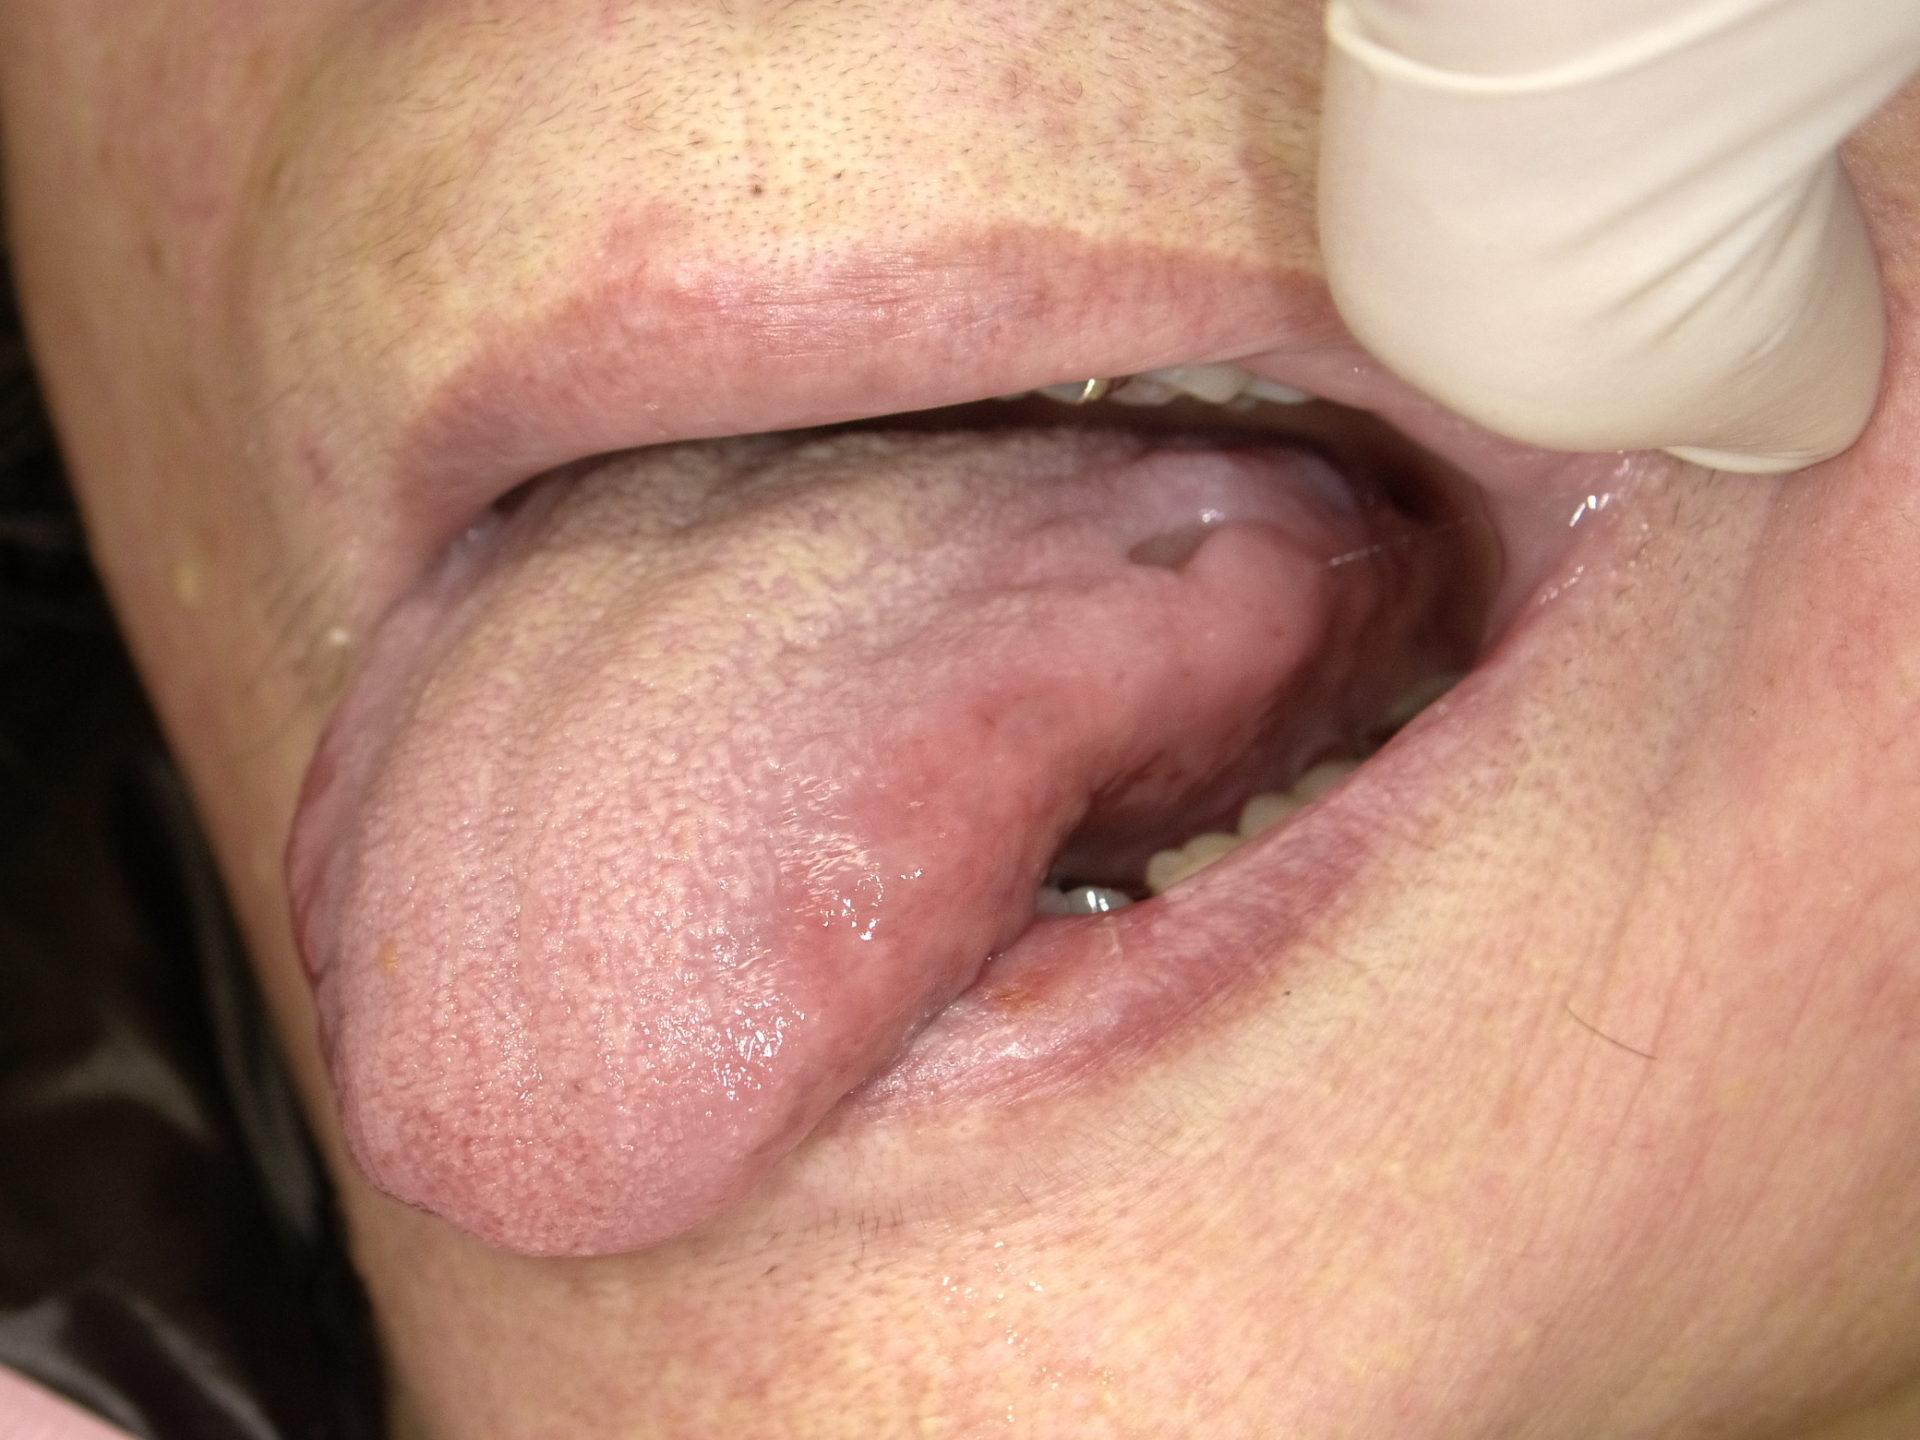 プラズマレーザー治療 ~舌縁裂傷~